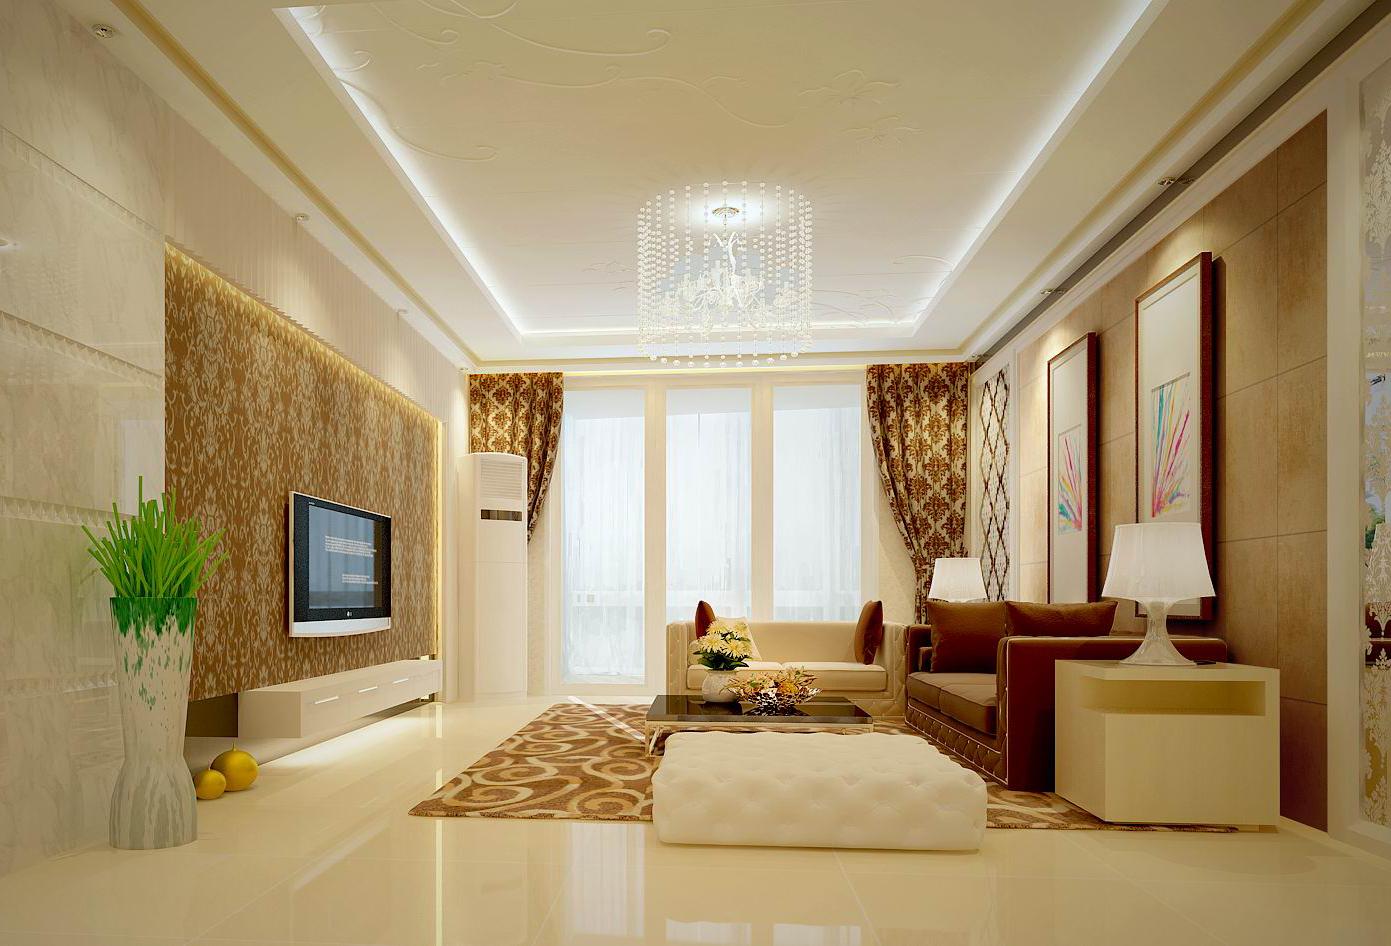 升龙国际 三居 现代 装修效果图 客厅图片来自夏曼在升龙国际中心小区三居 现代风格的分享